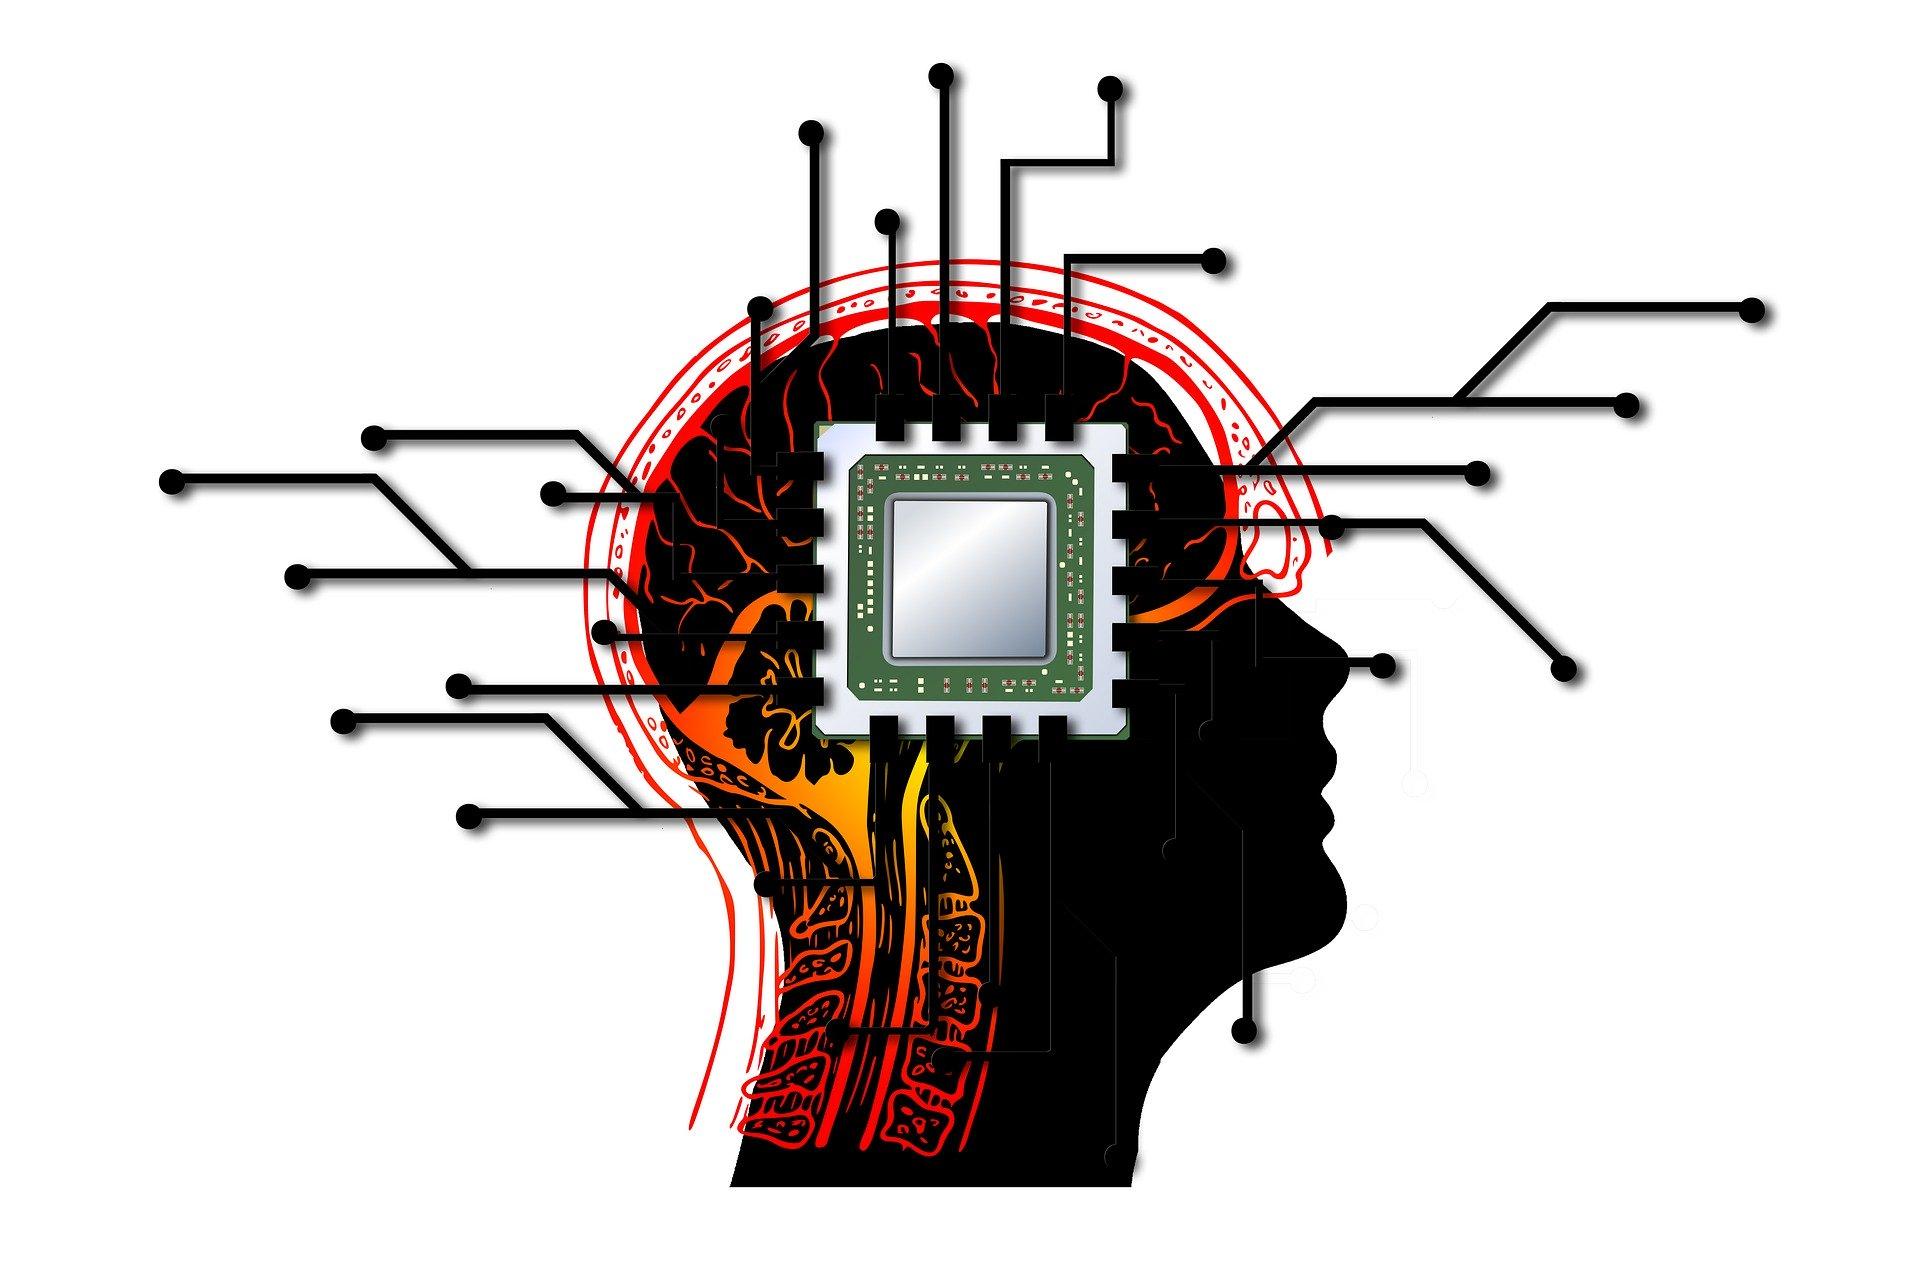 Jest dobrze, dopóki jest dobrze, czyli o bezpieczeństwie i odpowiedzialności za sztuczną inteligencję, internet rzeczy oraz inteligentne roboty na bazie raportu Komisji (UE)